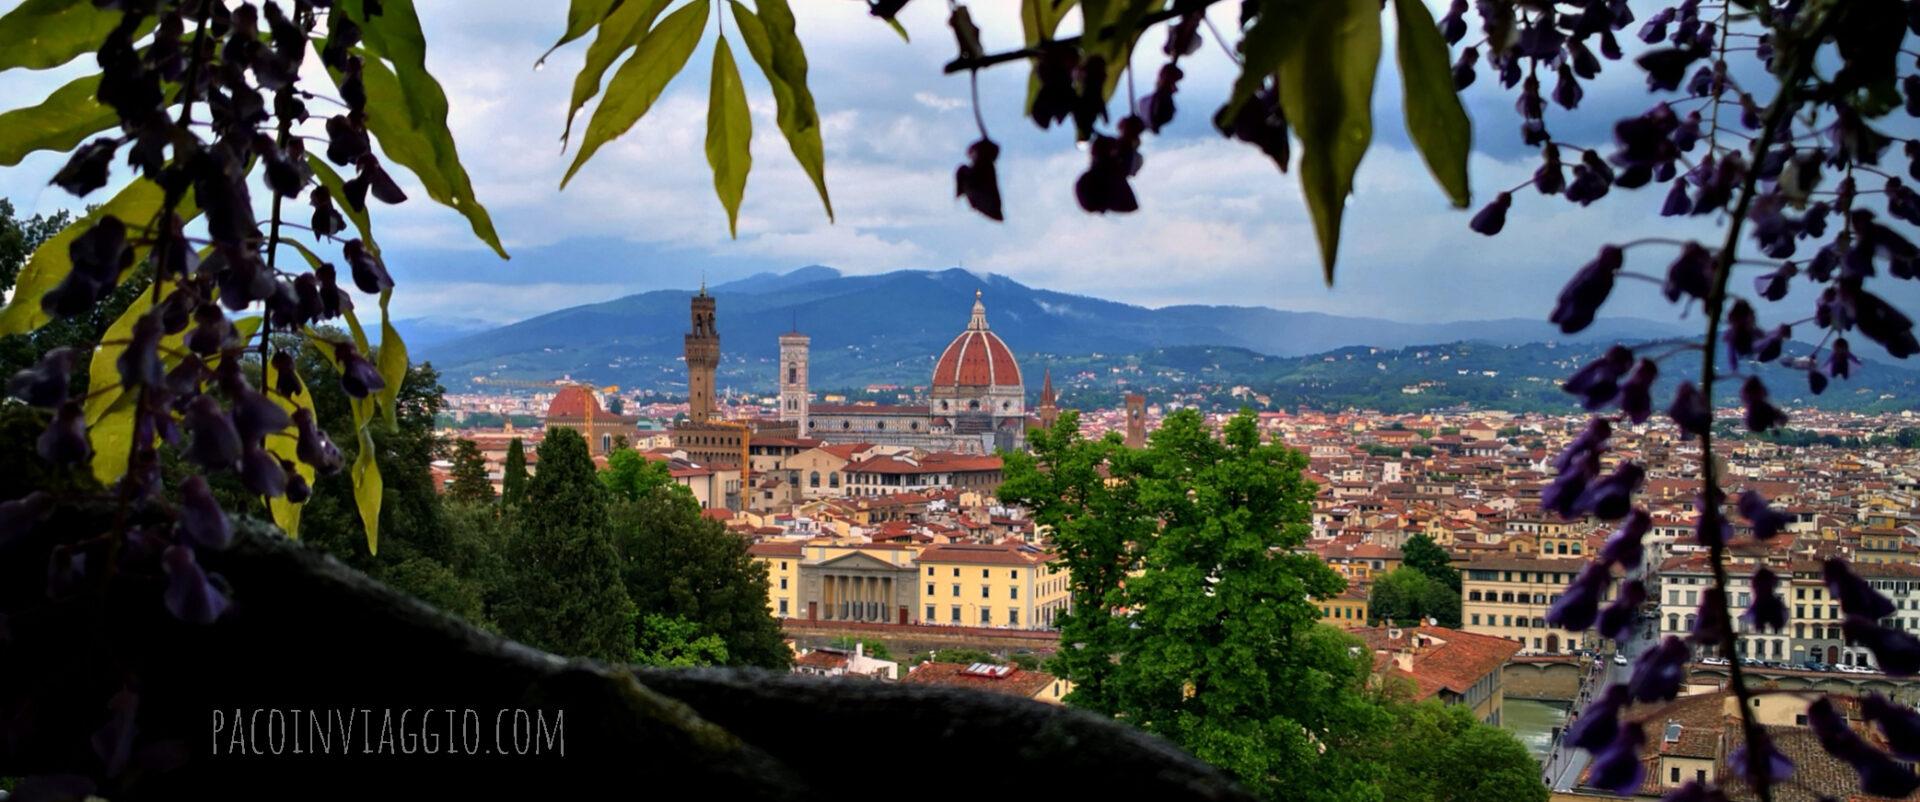 Cose che solo a Firenze